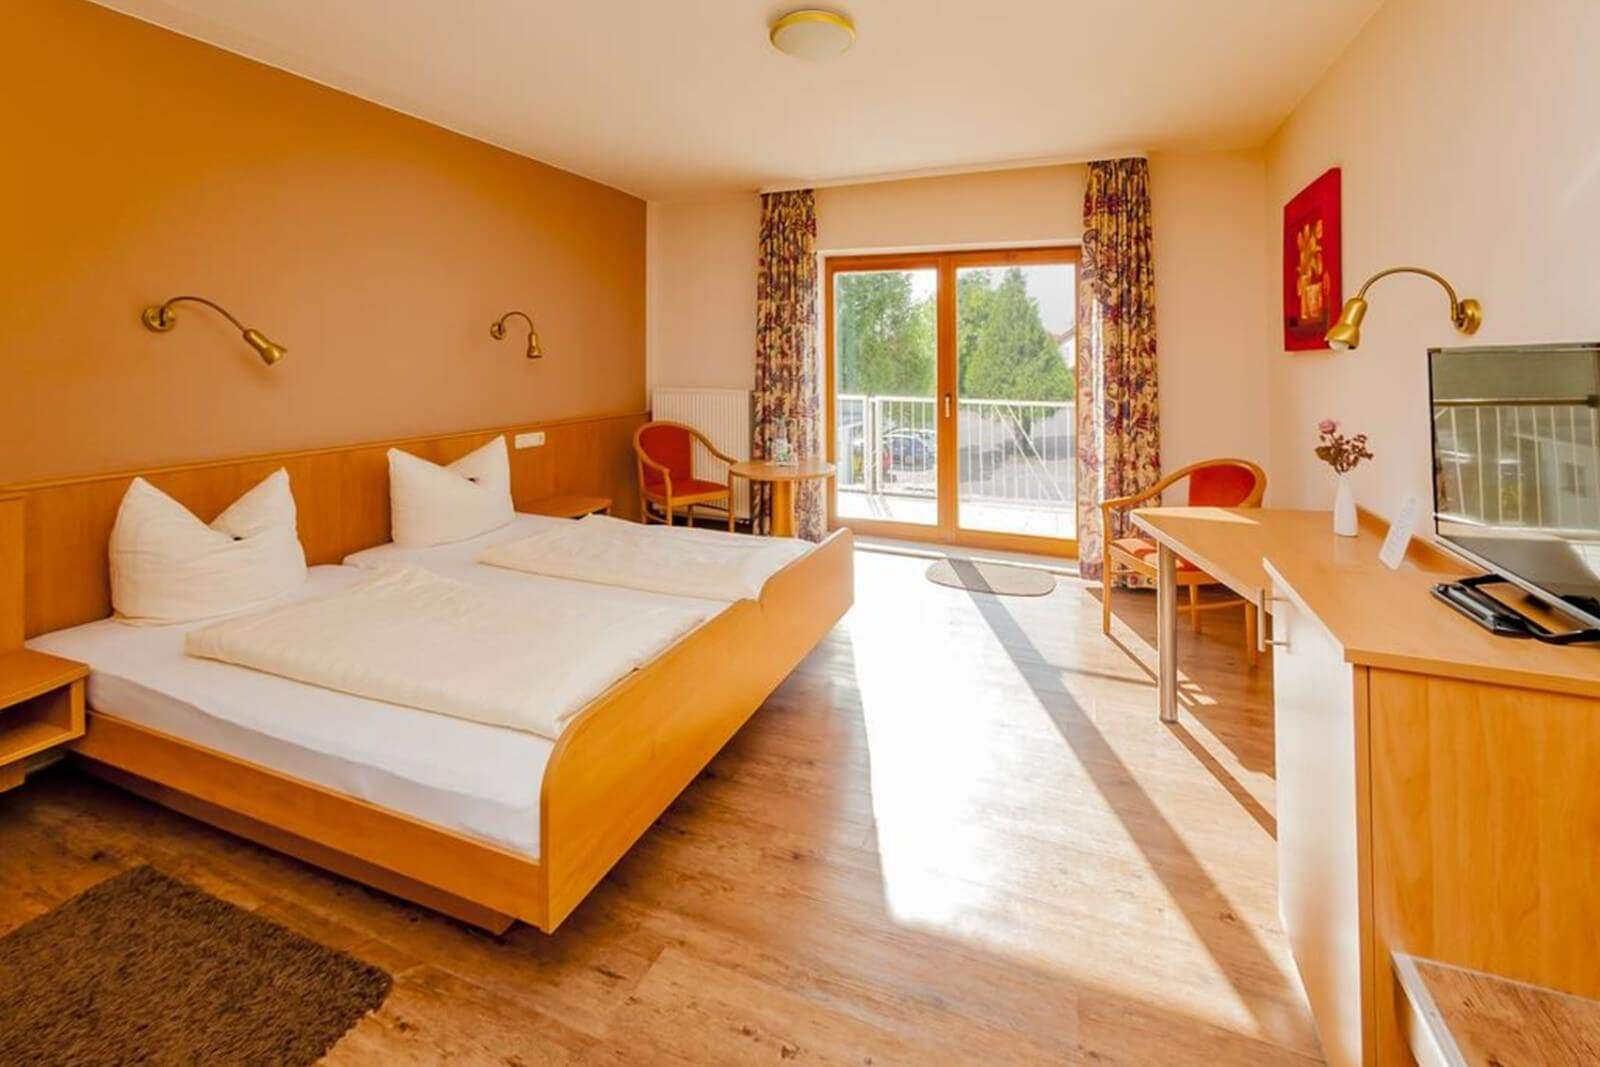 doppelzimmer-komfort-hotel-pension-bett-fruehstueck-riedstadt6